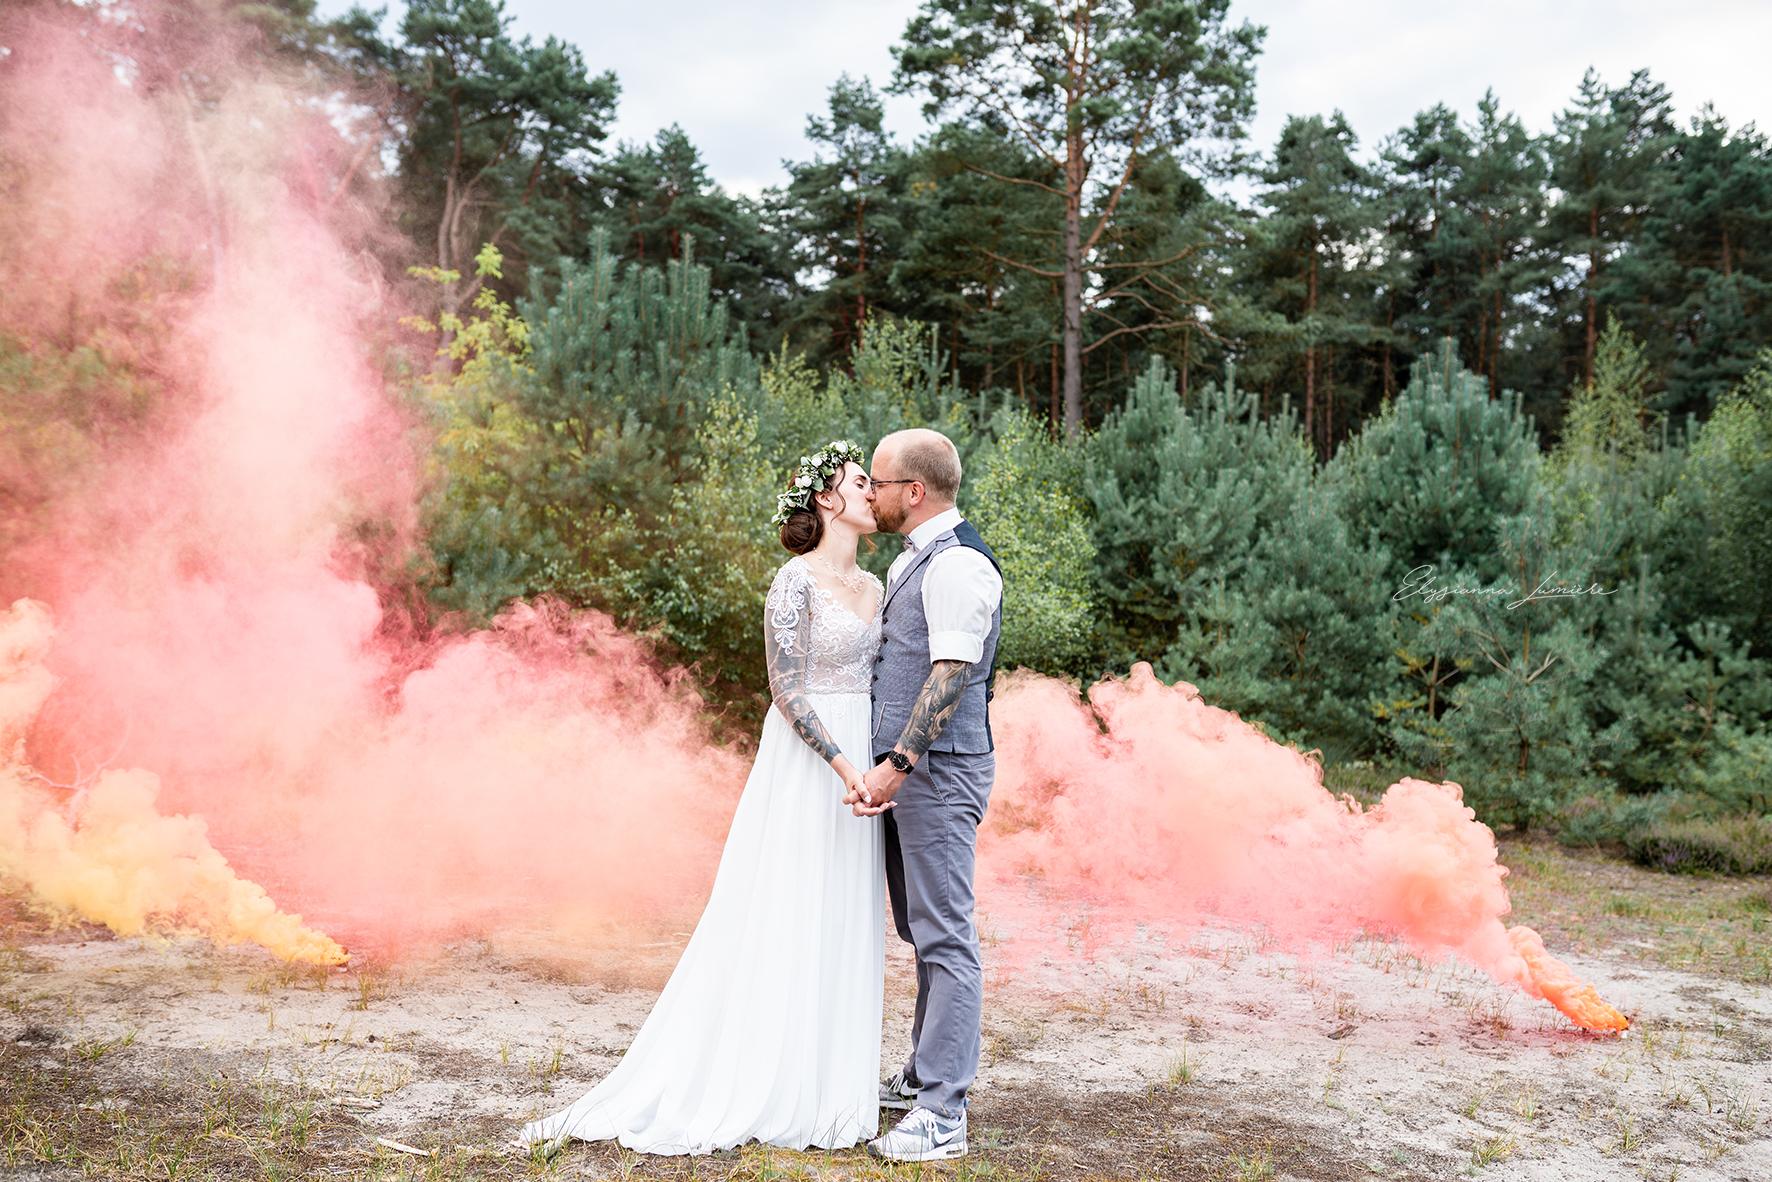 Kussbild in den Dünen mit RauchfackelnI Elysianna Lumiere Photography